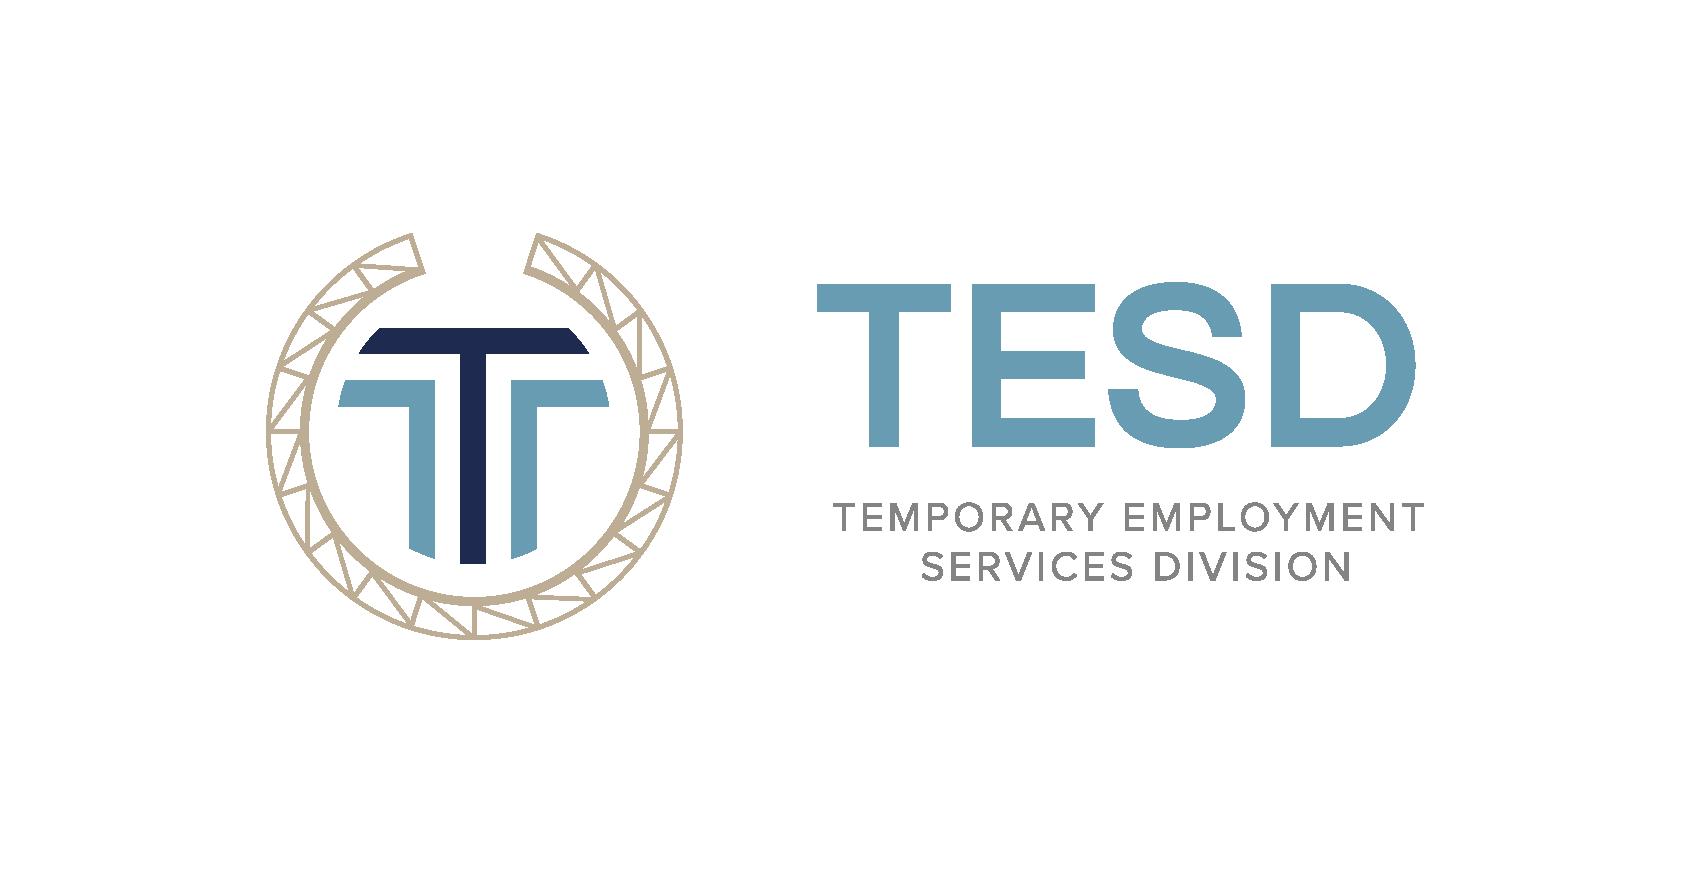 TESD_Logo_2020